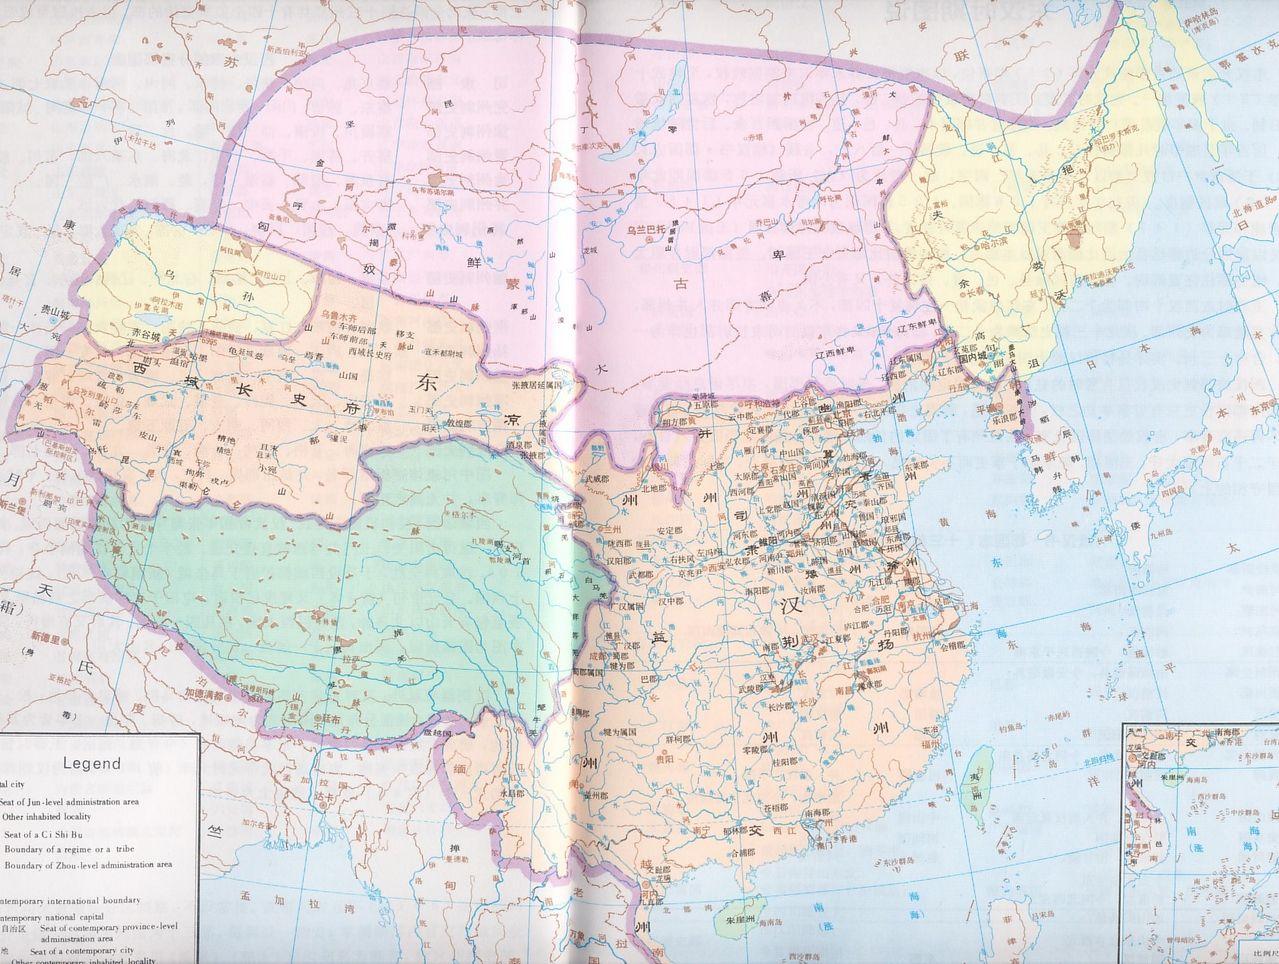 东汉末年 东汉末年之霸者天下 东汉末年地图